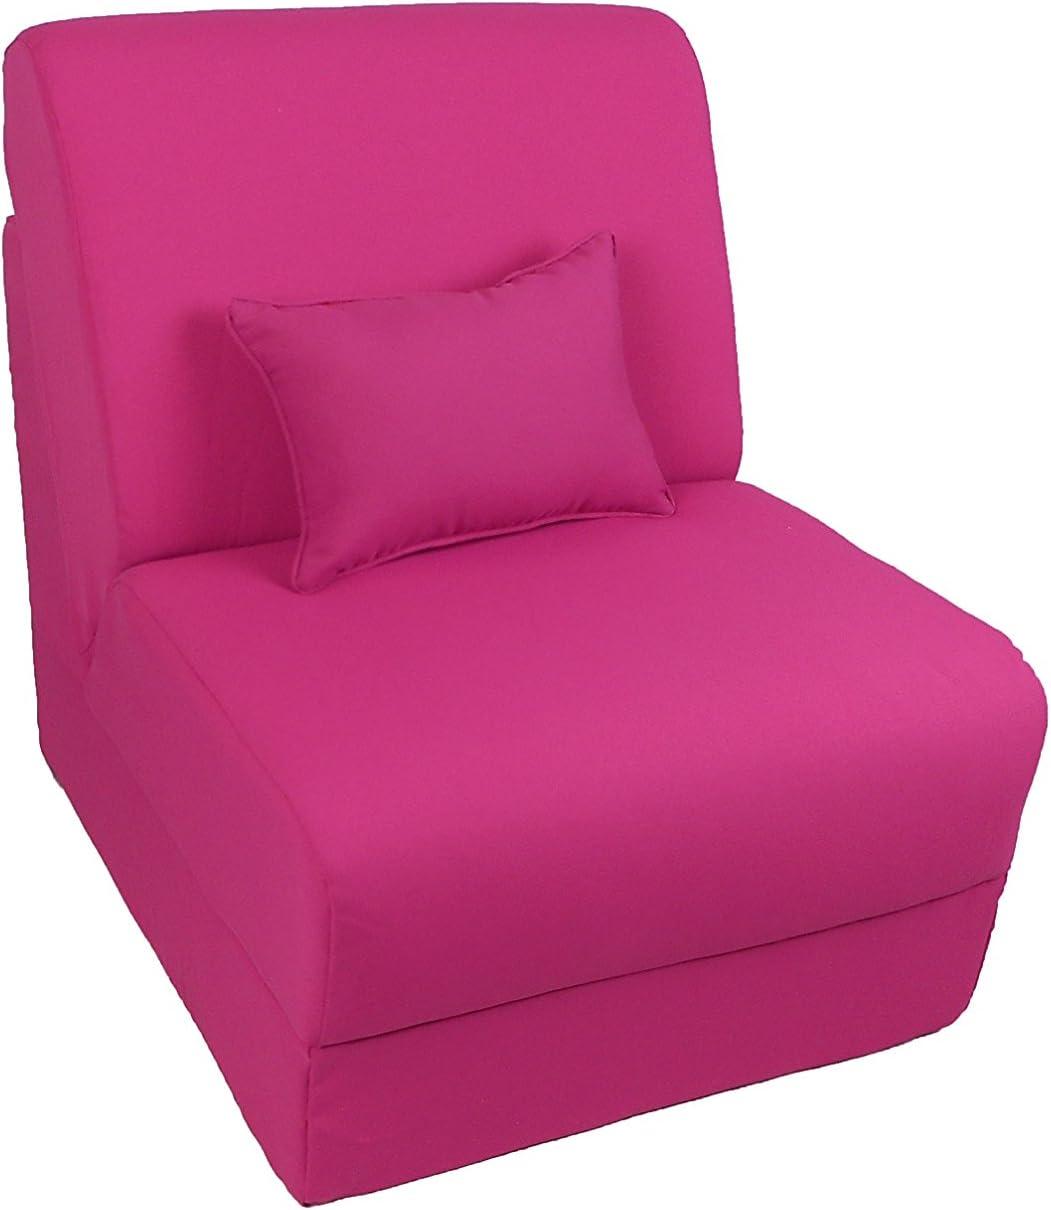 Fun Furnishings Teen Chair, Fuchsia